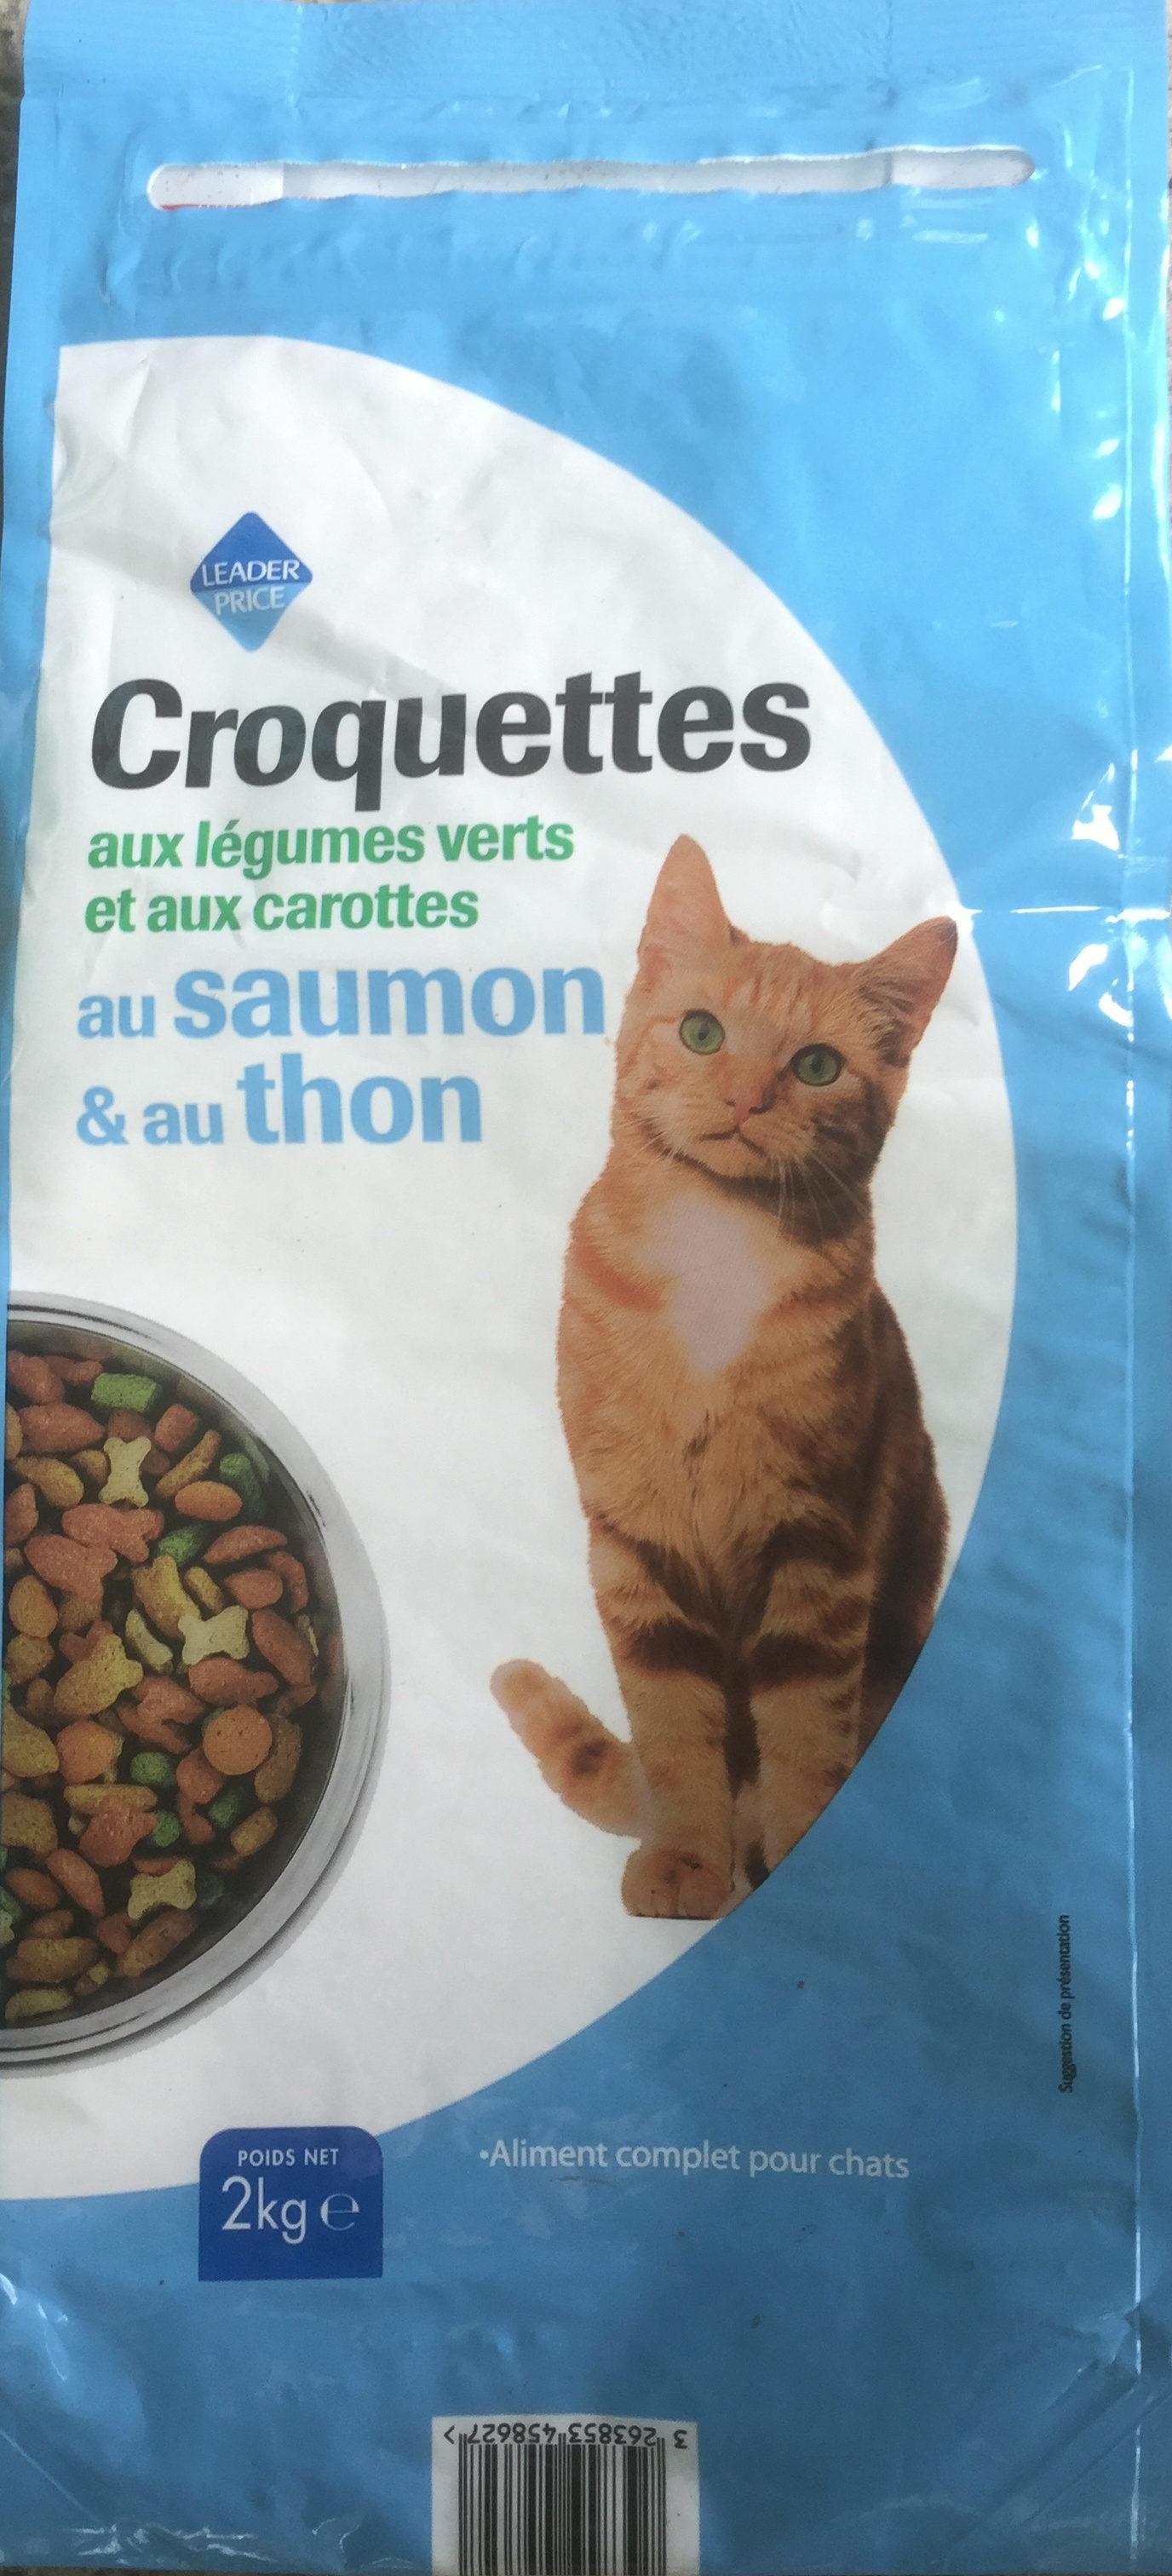 Croquettes saumon thon - Product - fr